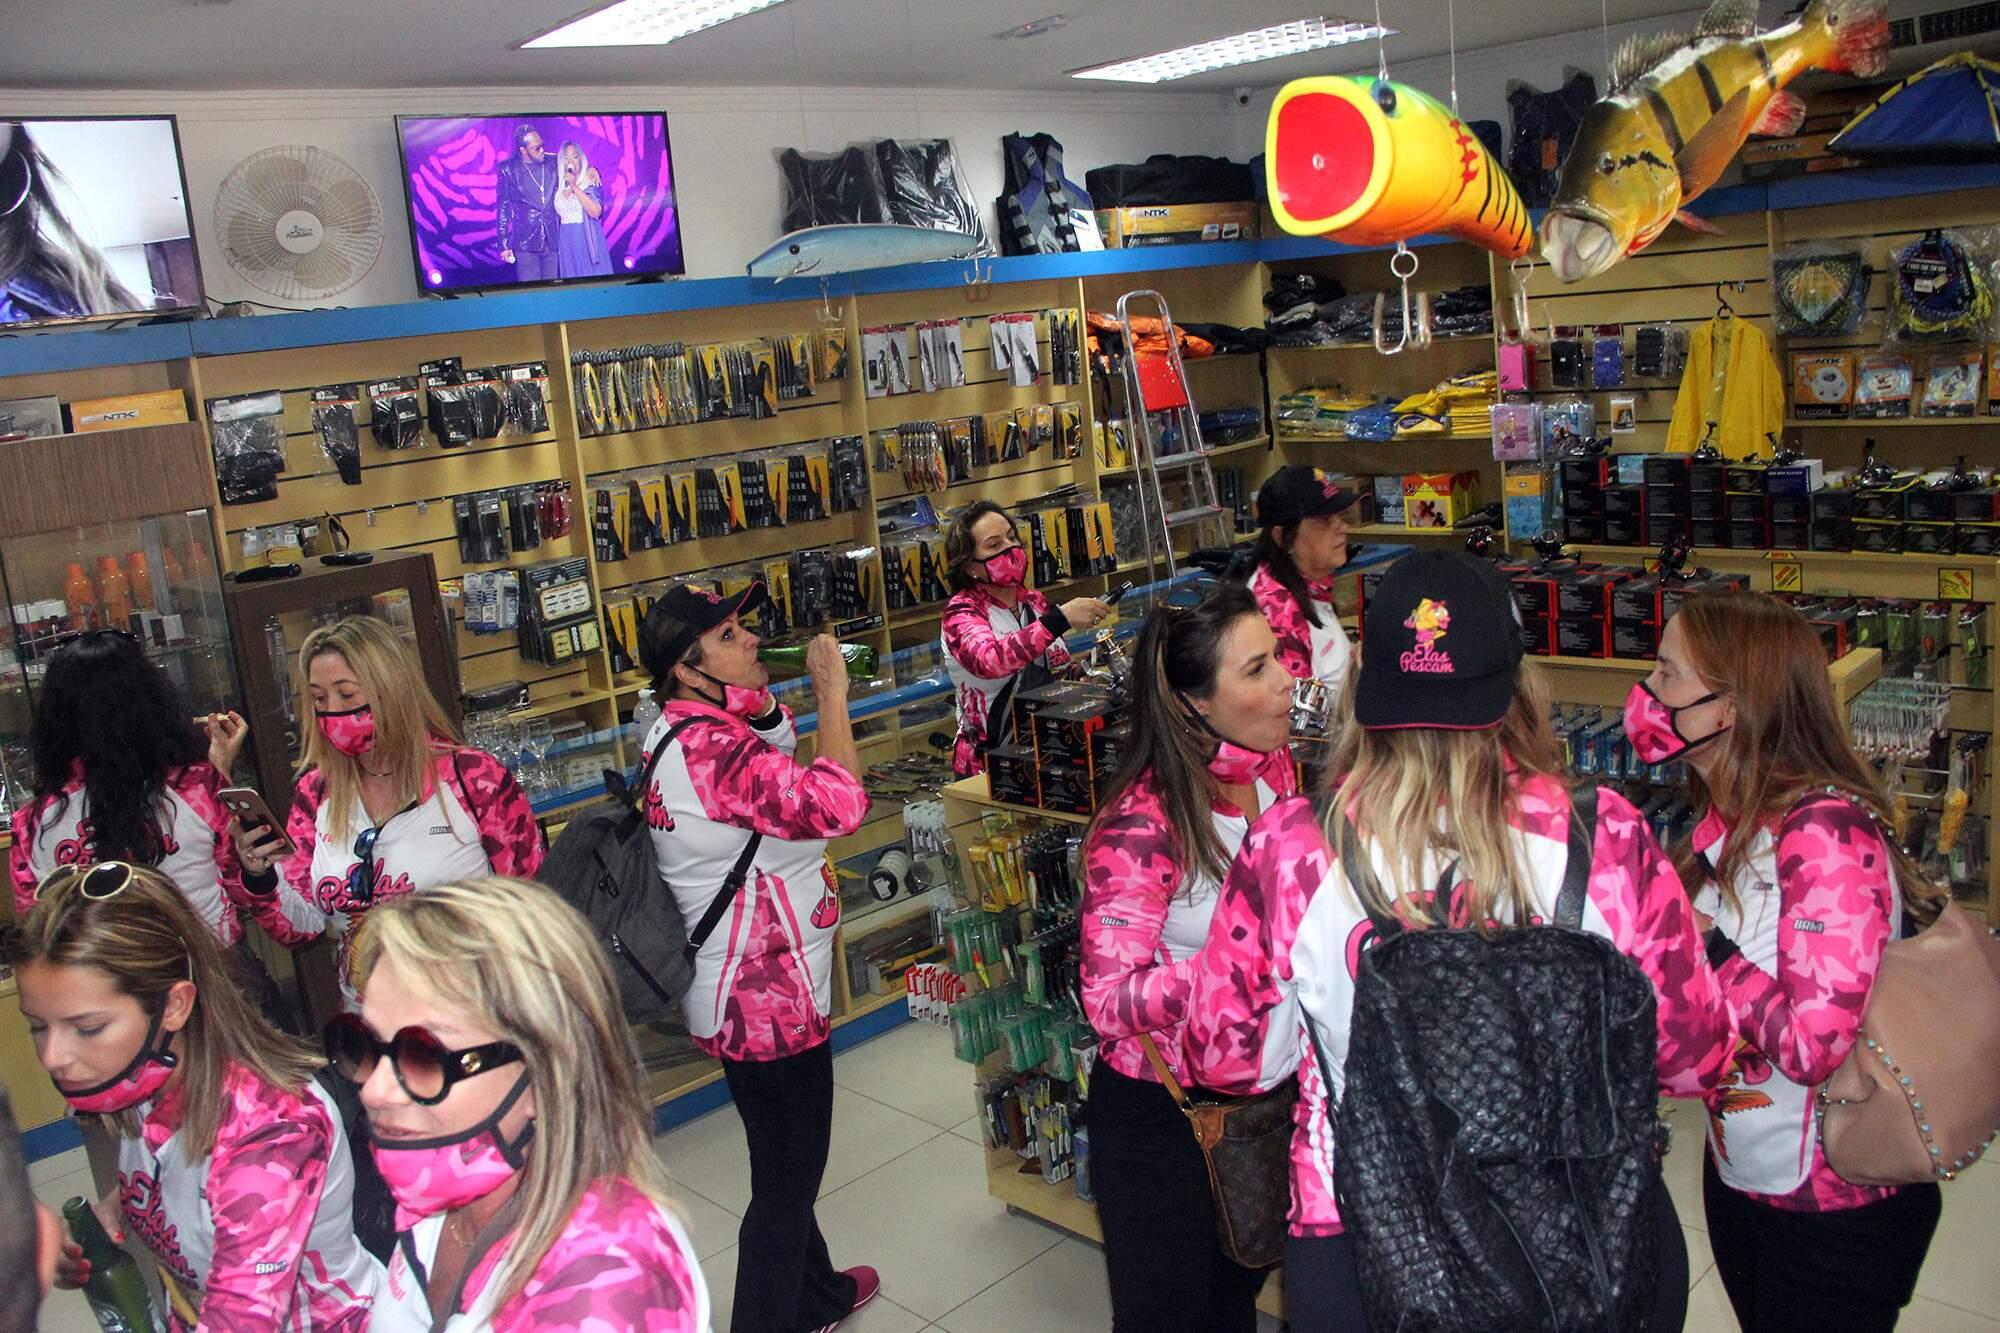 Já em Corumbá, no porto-geral, as mulheres compraram kits completos de pesca em uma loja especializada. (Foto: Sílvio Andrade)